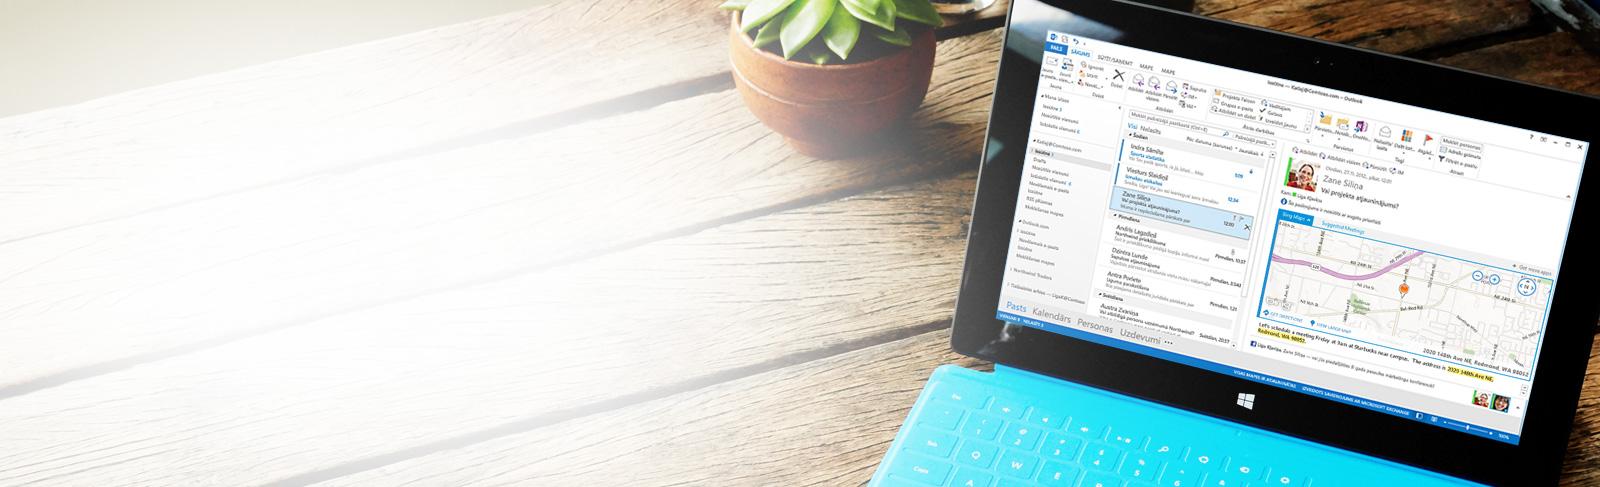 Planšetdators, kurā attēlota Microsoft Outlook 2013 iesūtne ar ziņojumu sarakstu un priekšskatījumu.